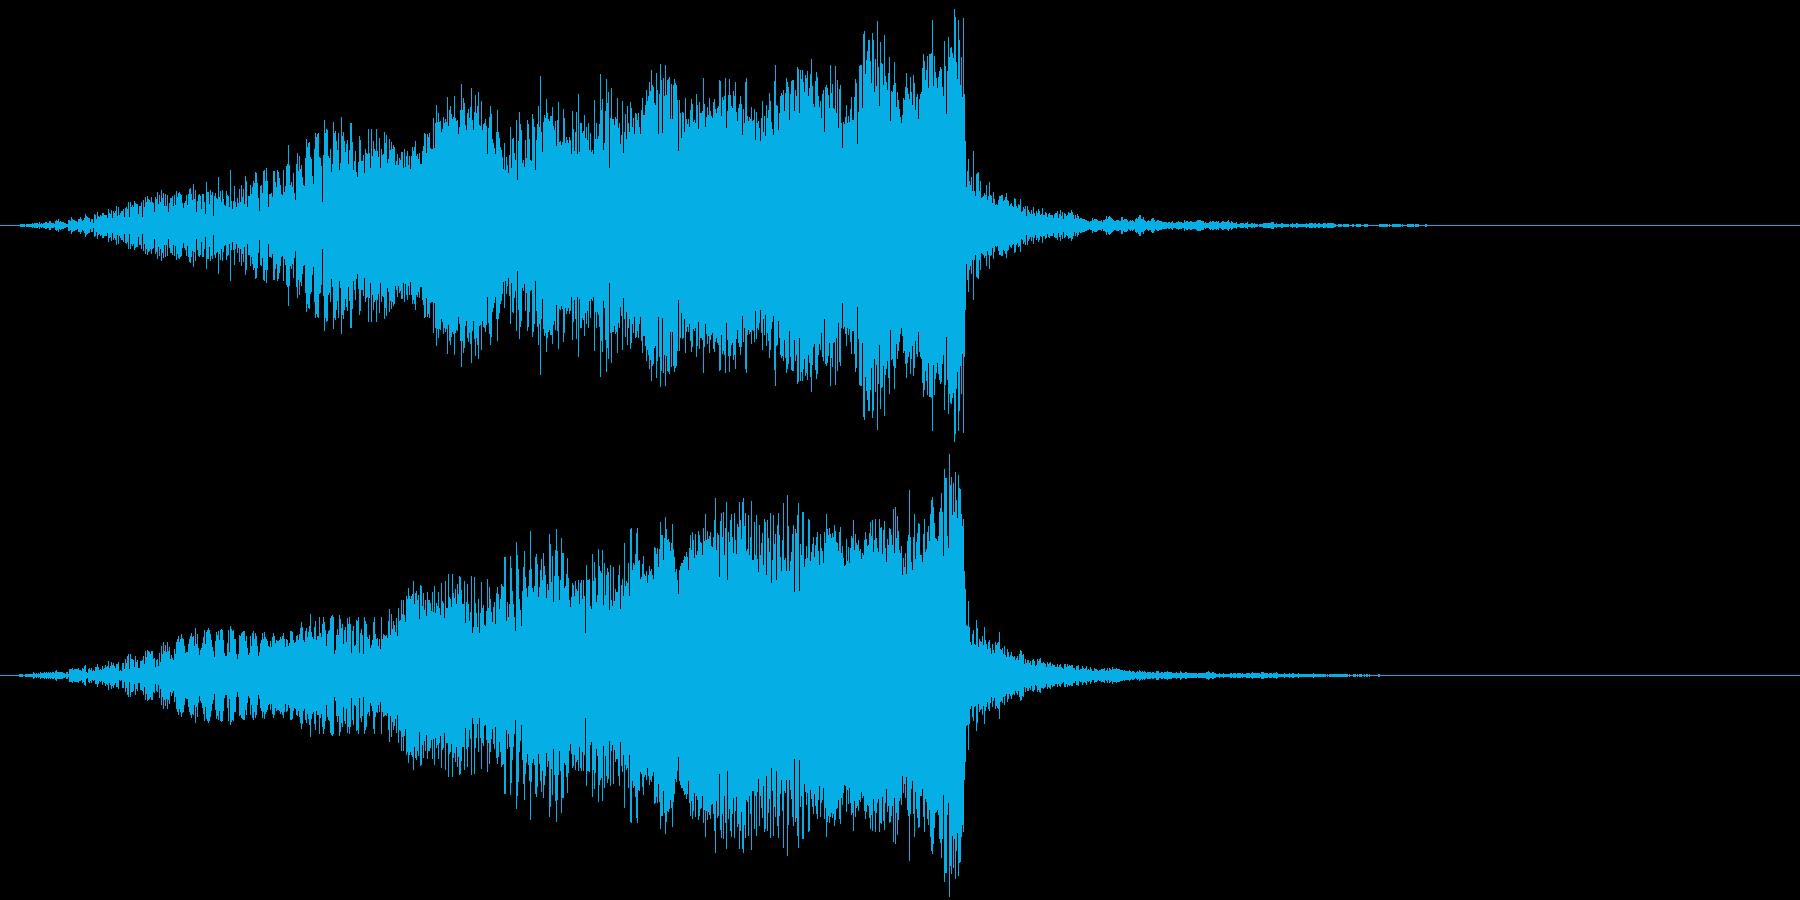 【映画演出】Sci-Fi ライザー_18の再生済みの波形